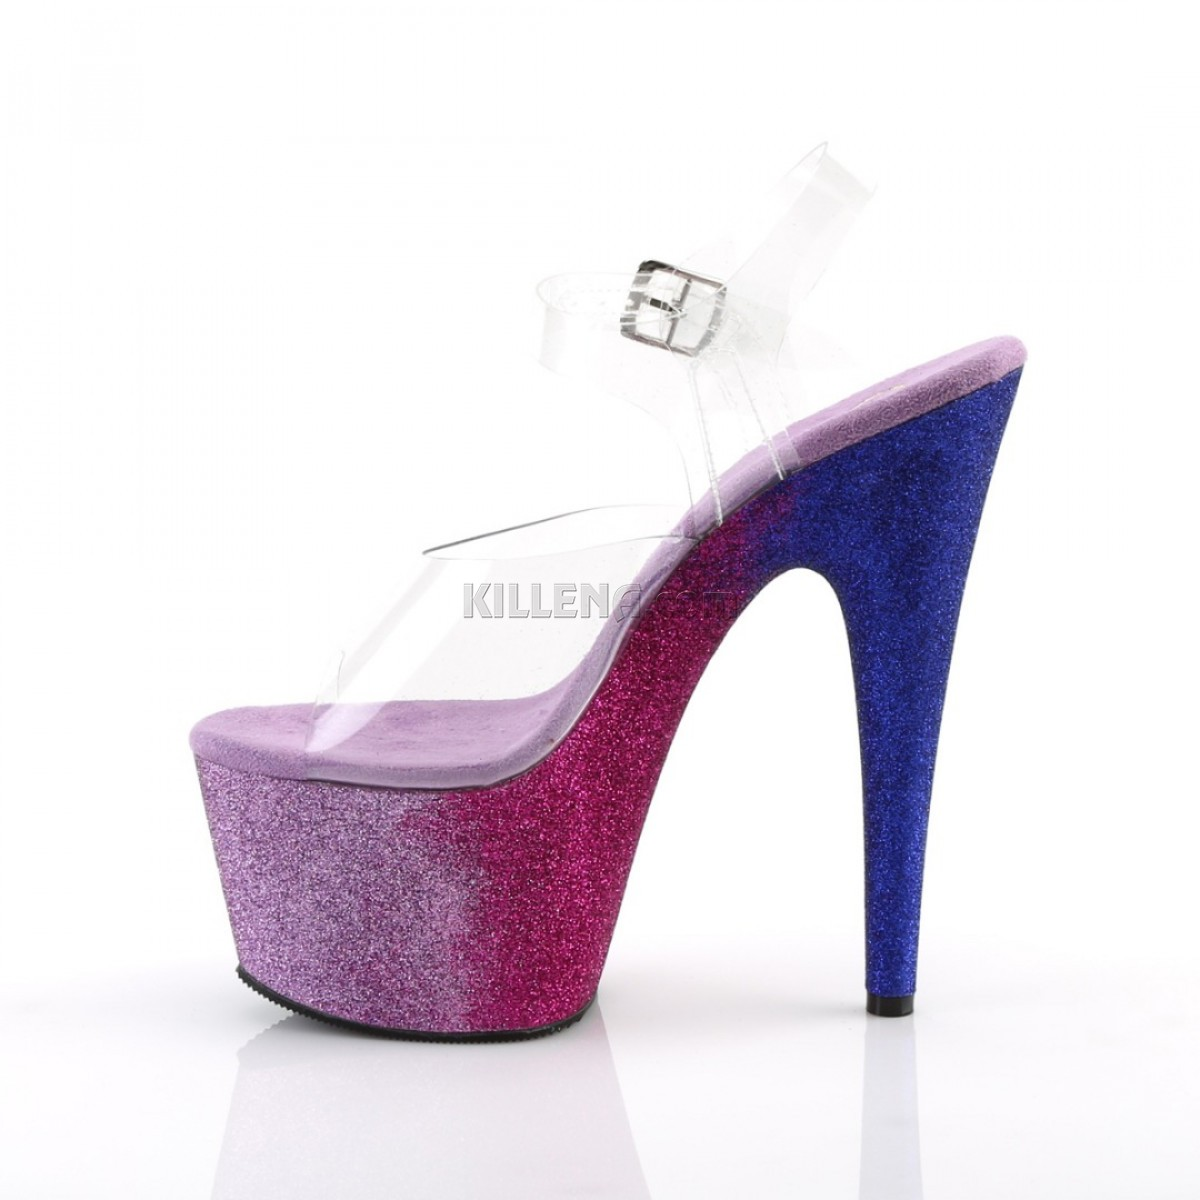 Стрипы с платформой омбре покрытой блёстками сине-фиолетового цвета